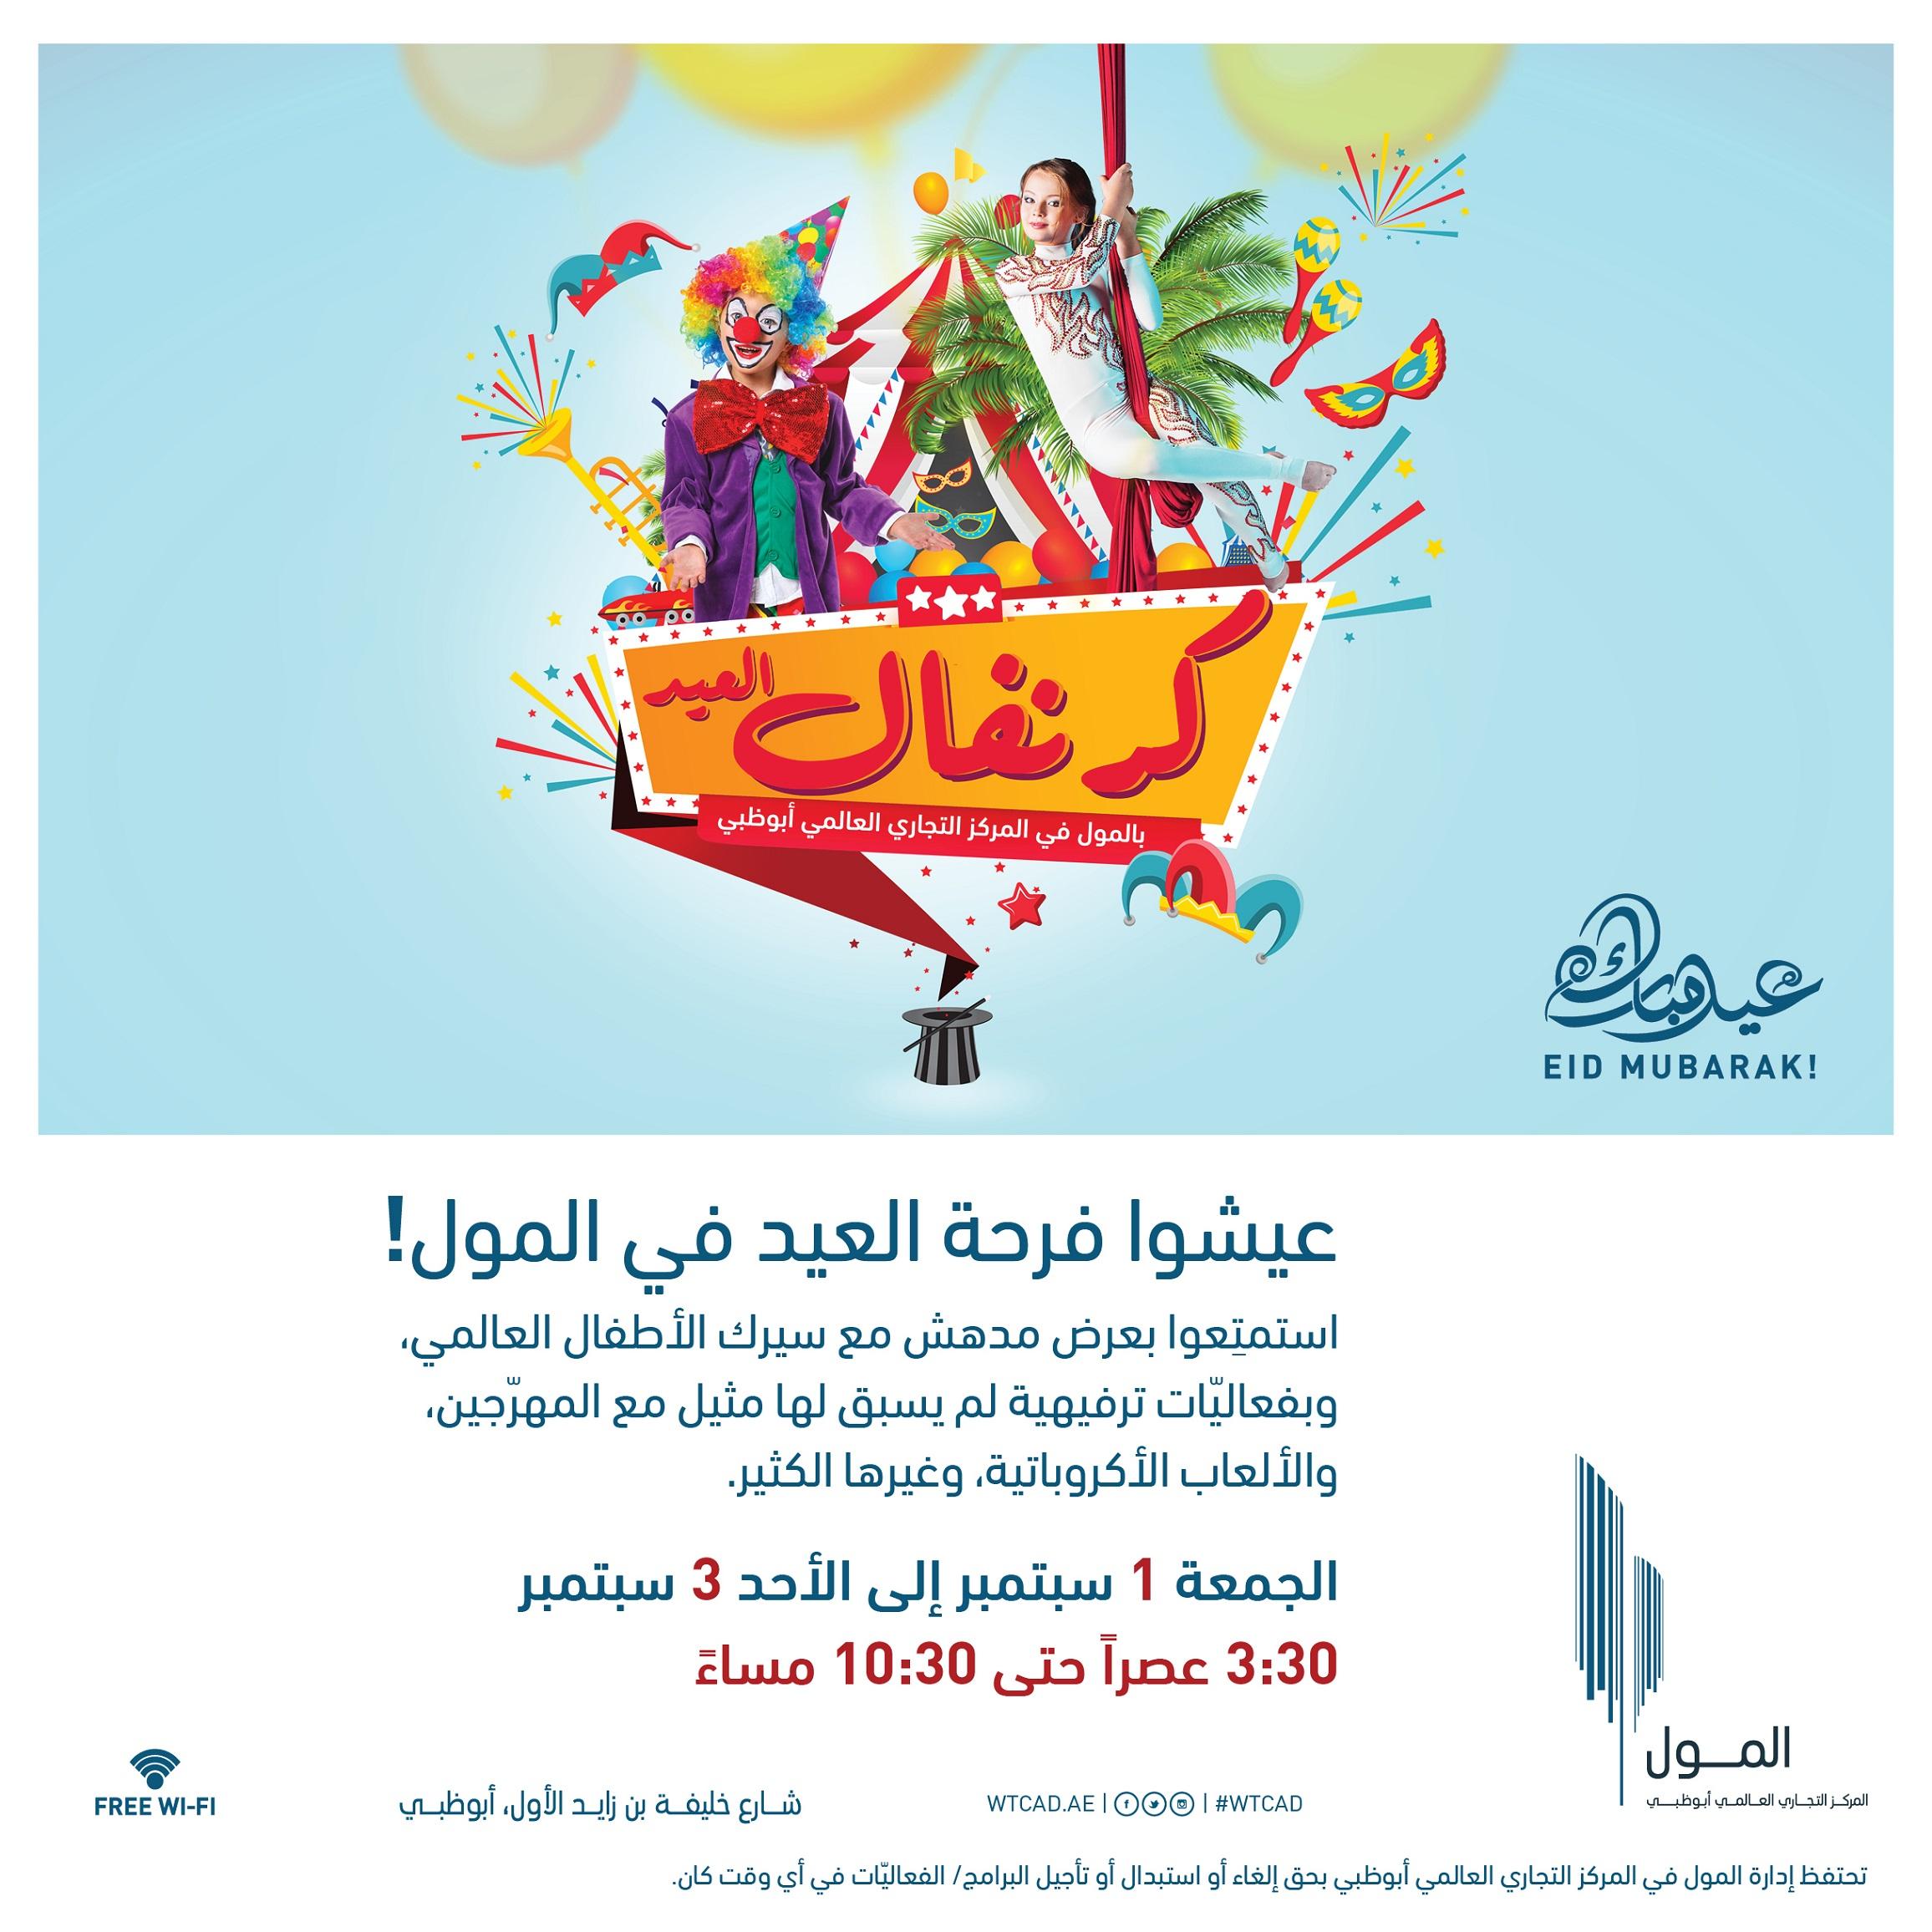 احتفالات كرنفال العيد في المول بالمركز التجاري العالمي أبوظبي